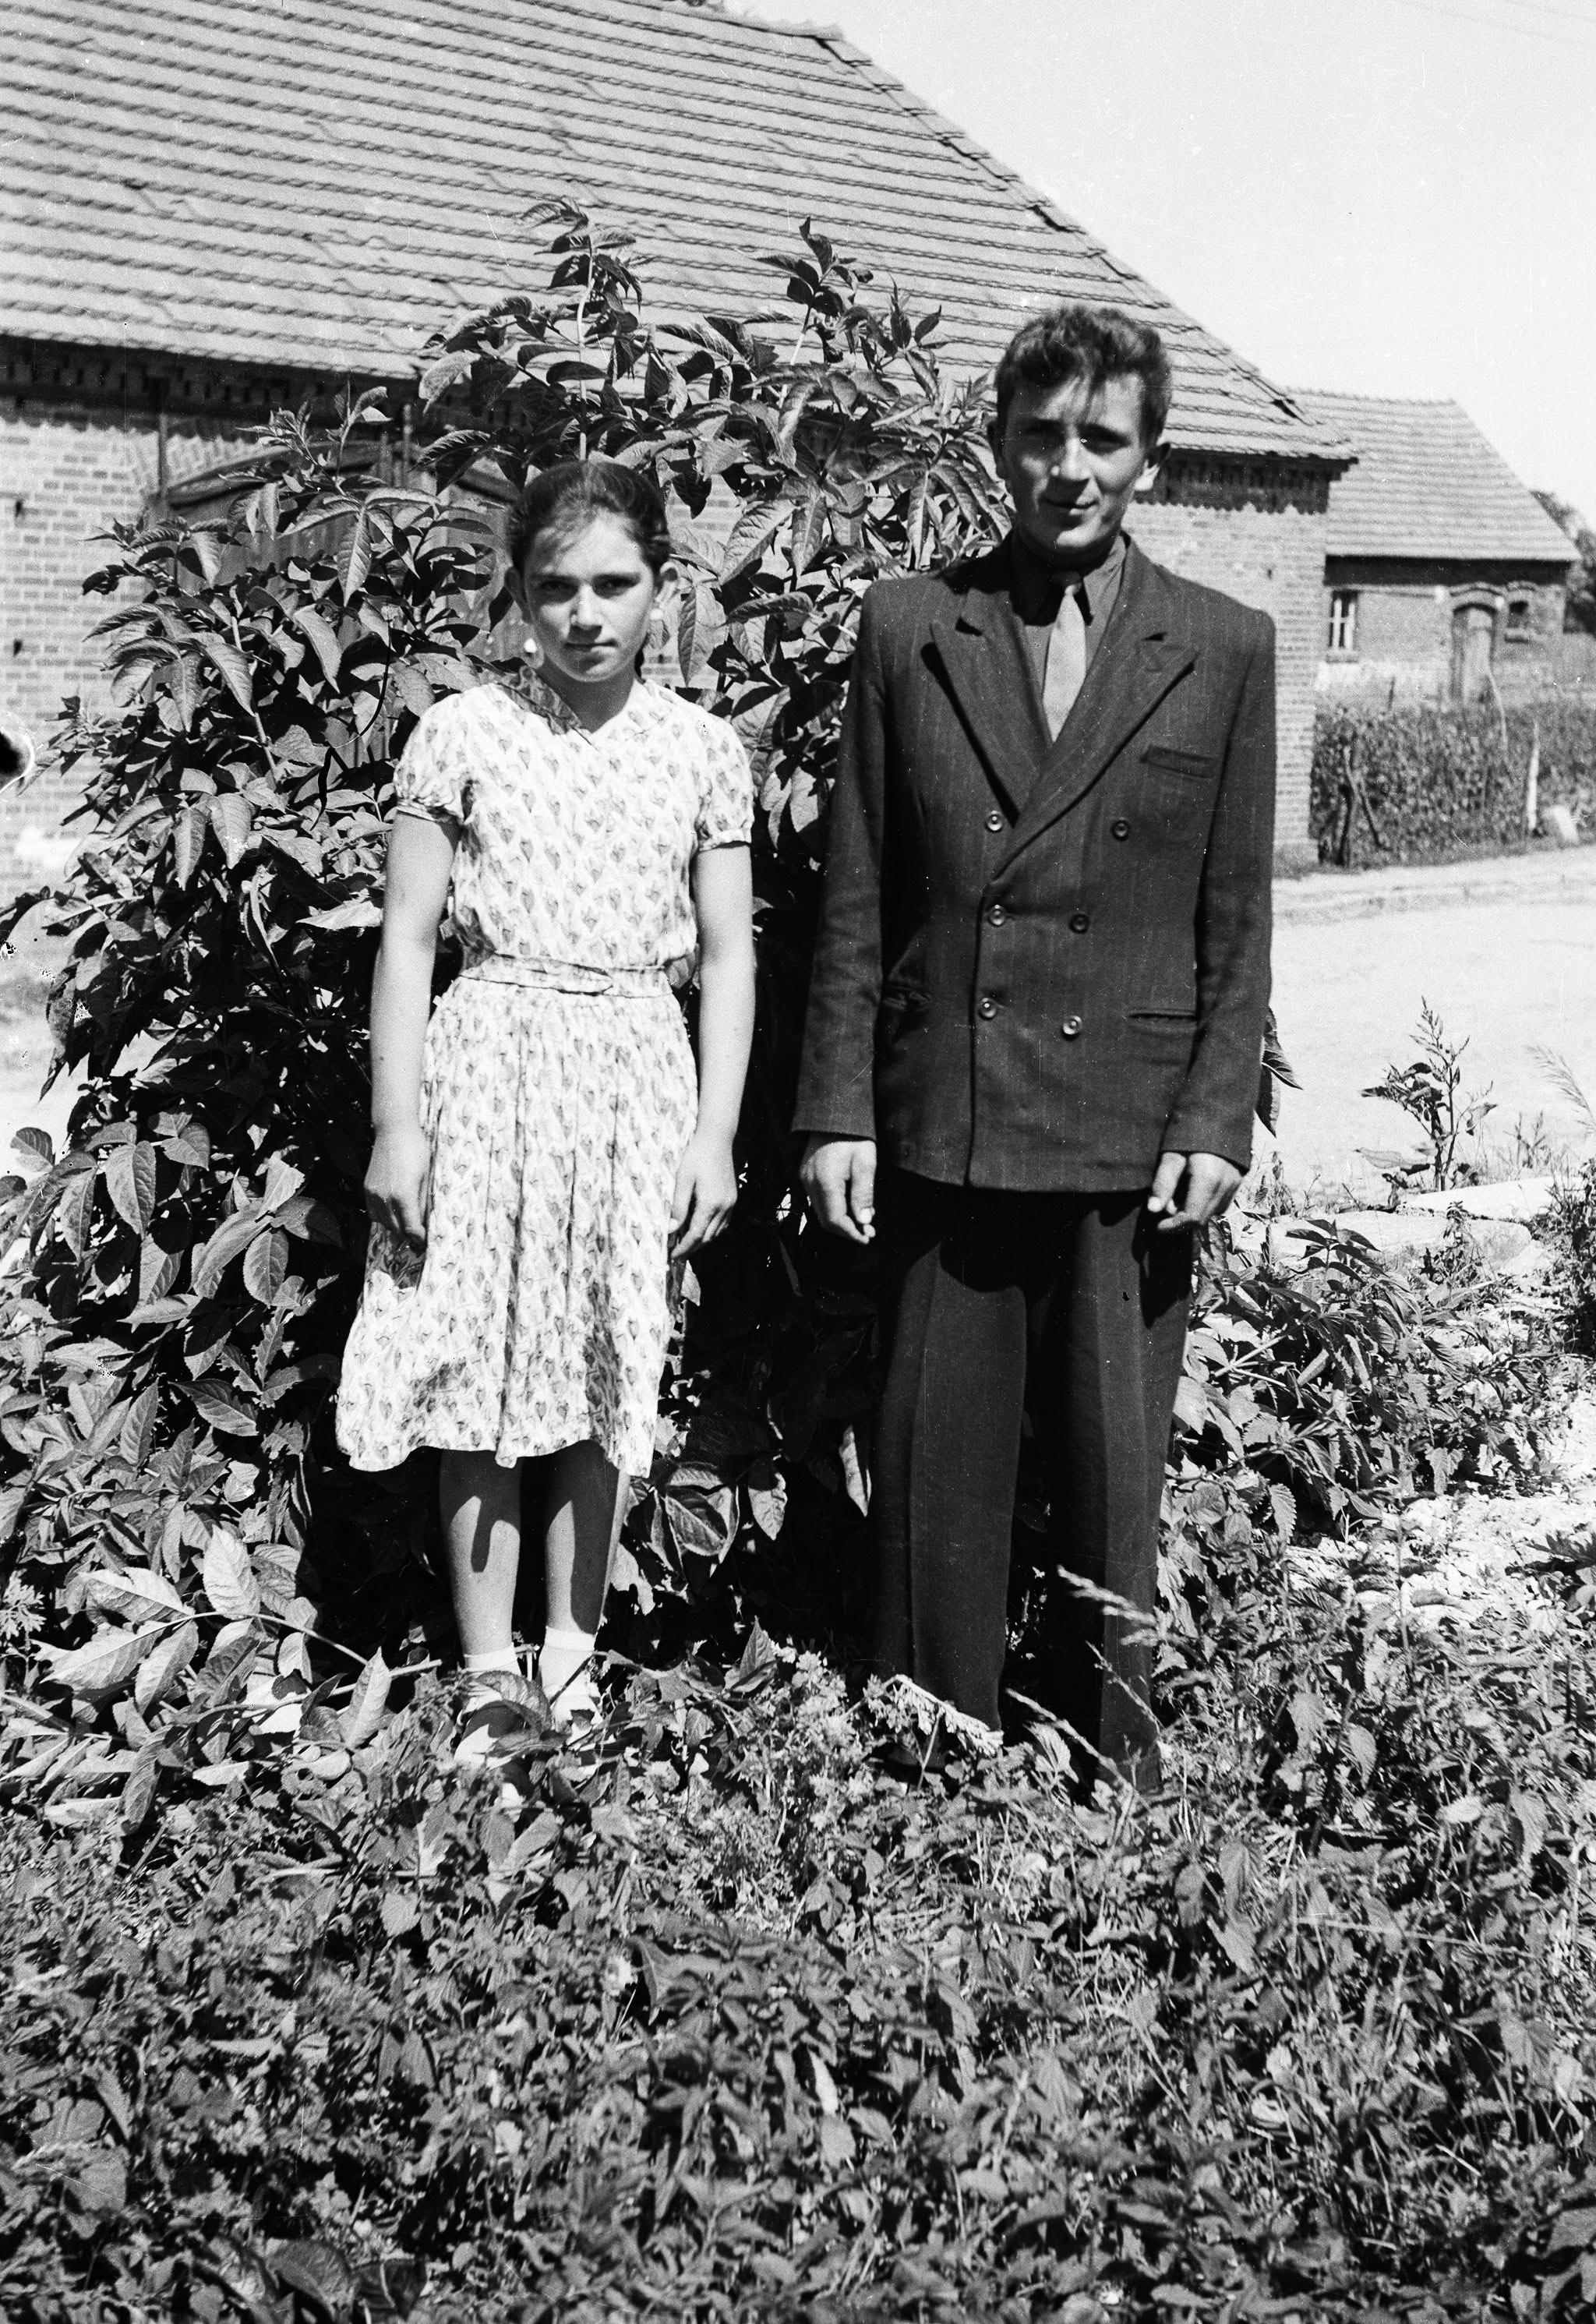 Członkowie rodziny Świątek, Turzany, Dolny Śląsk, lata 50. XX w.